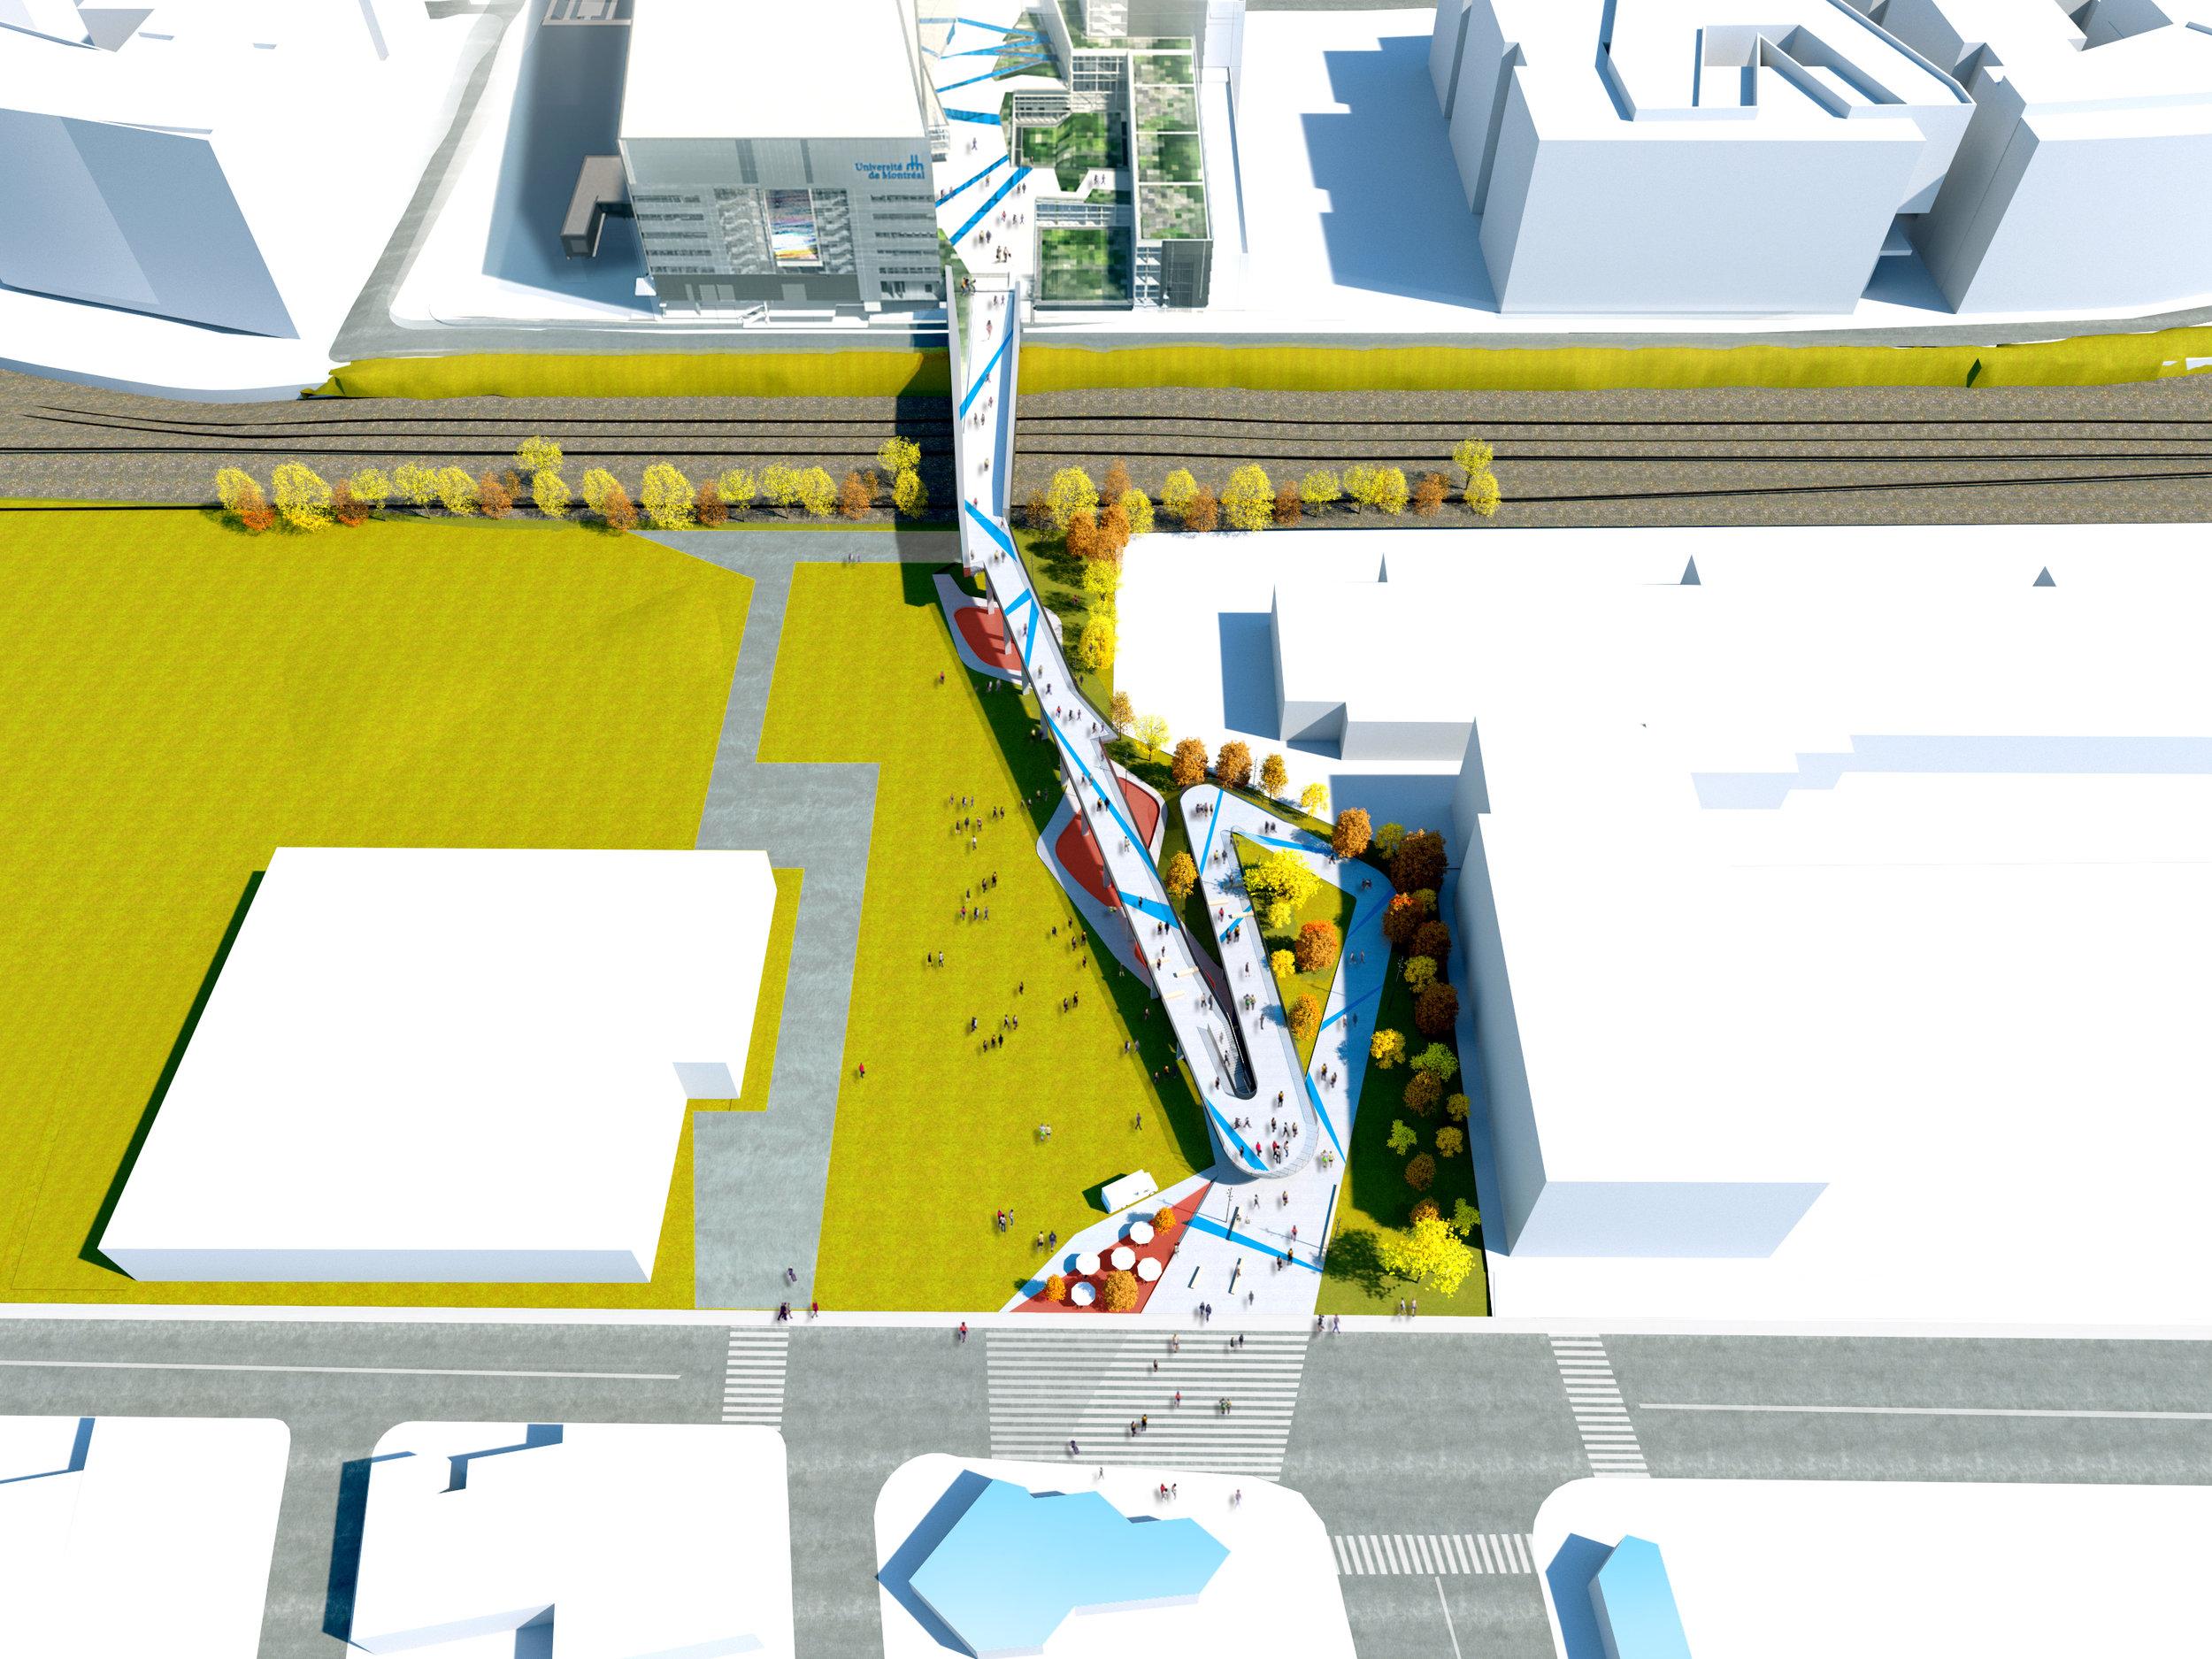 Passerelle – Campus MIL   Lien piétonnier [passerelle-rampe pour piétons] dans le cadre du projet du campus MIL, reliant le Complexe des sciences au 1000 Beaumont et à la station de métro Acadie.   Partenaires : Lemay et NFOE